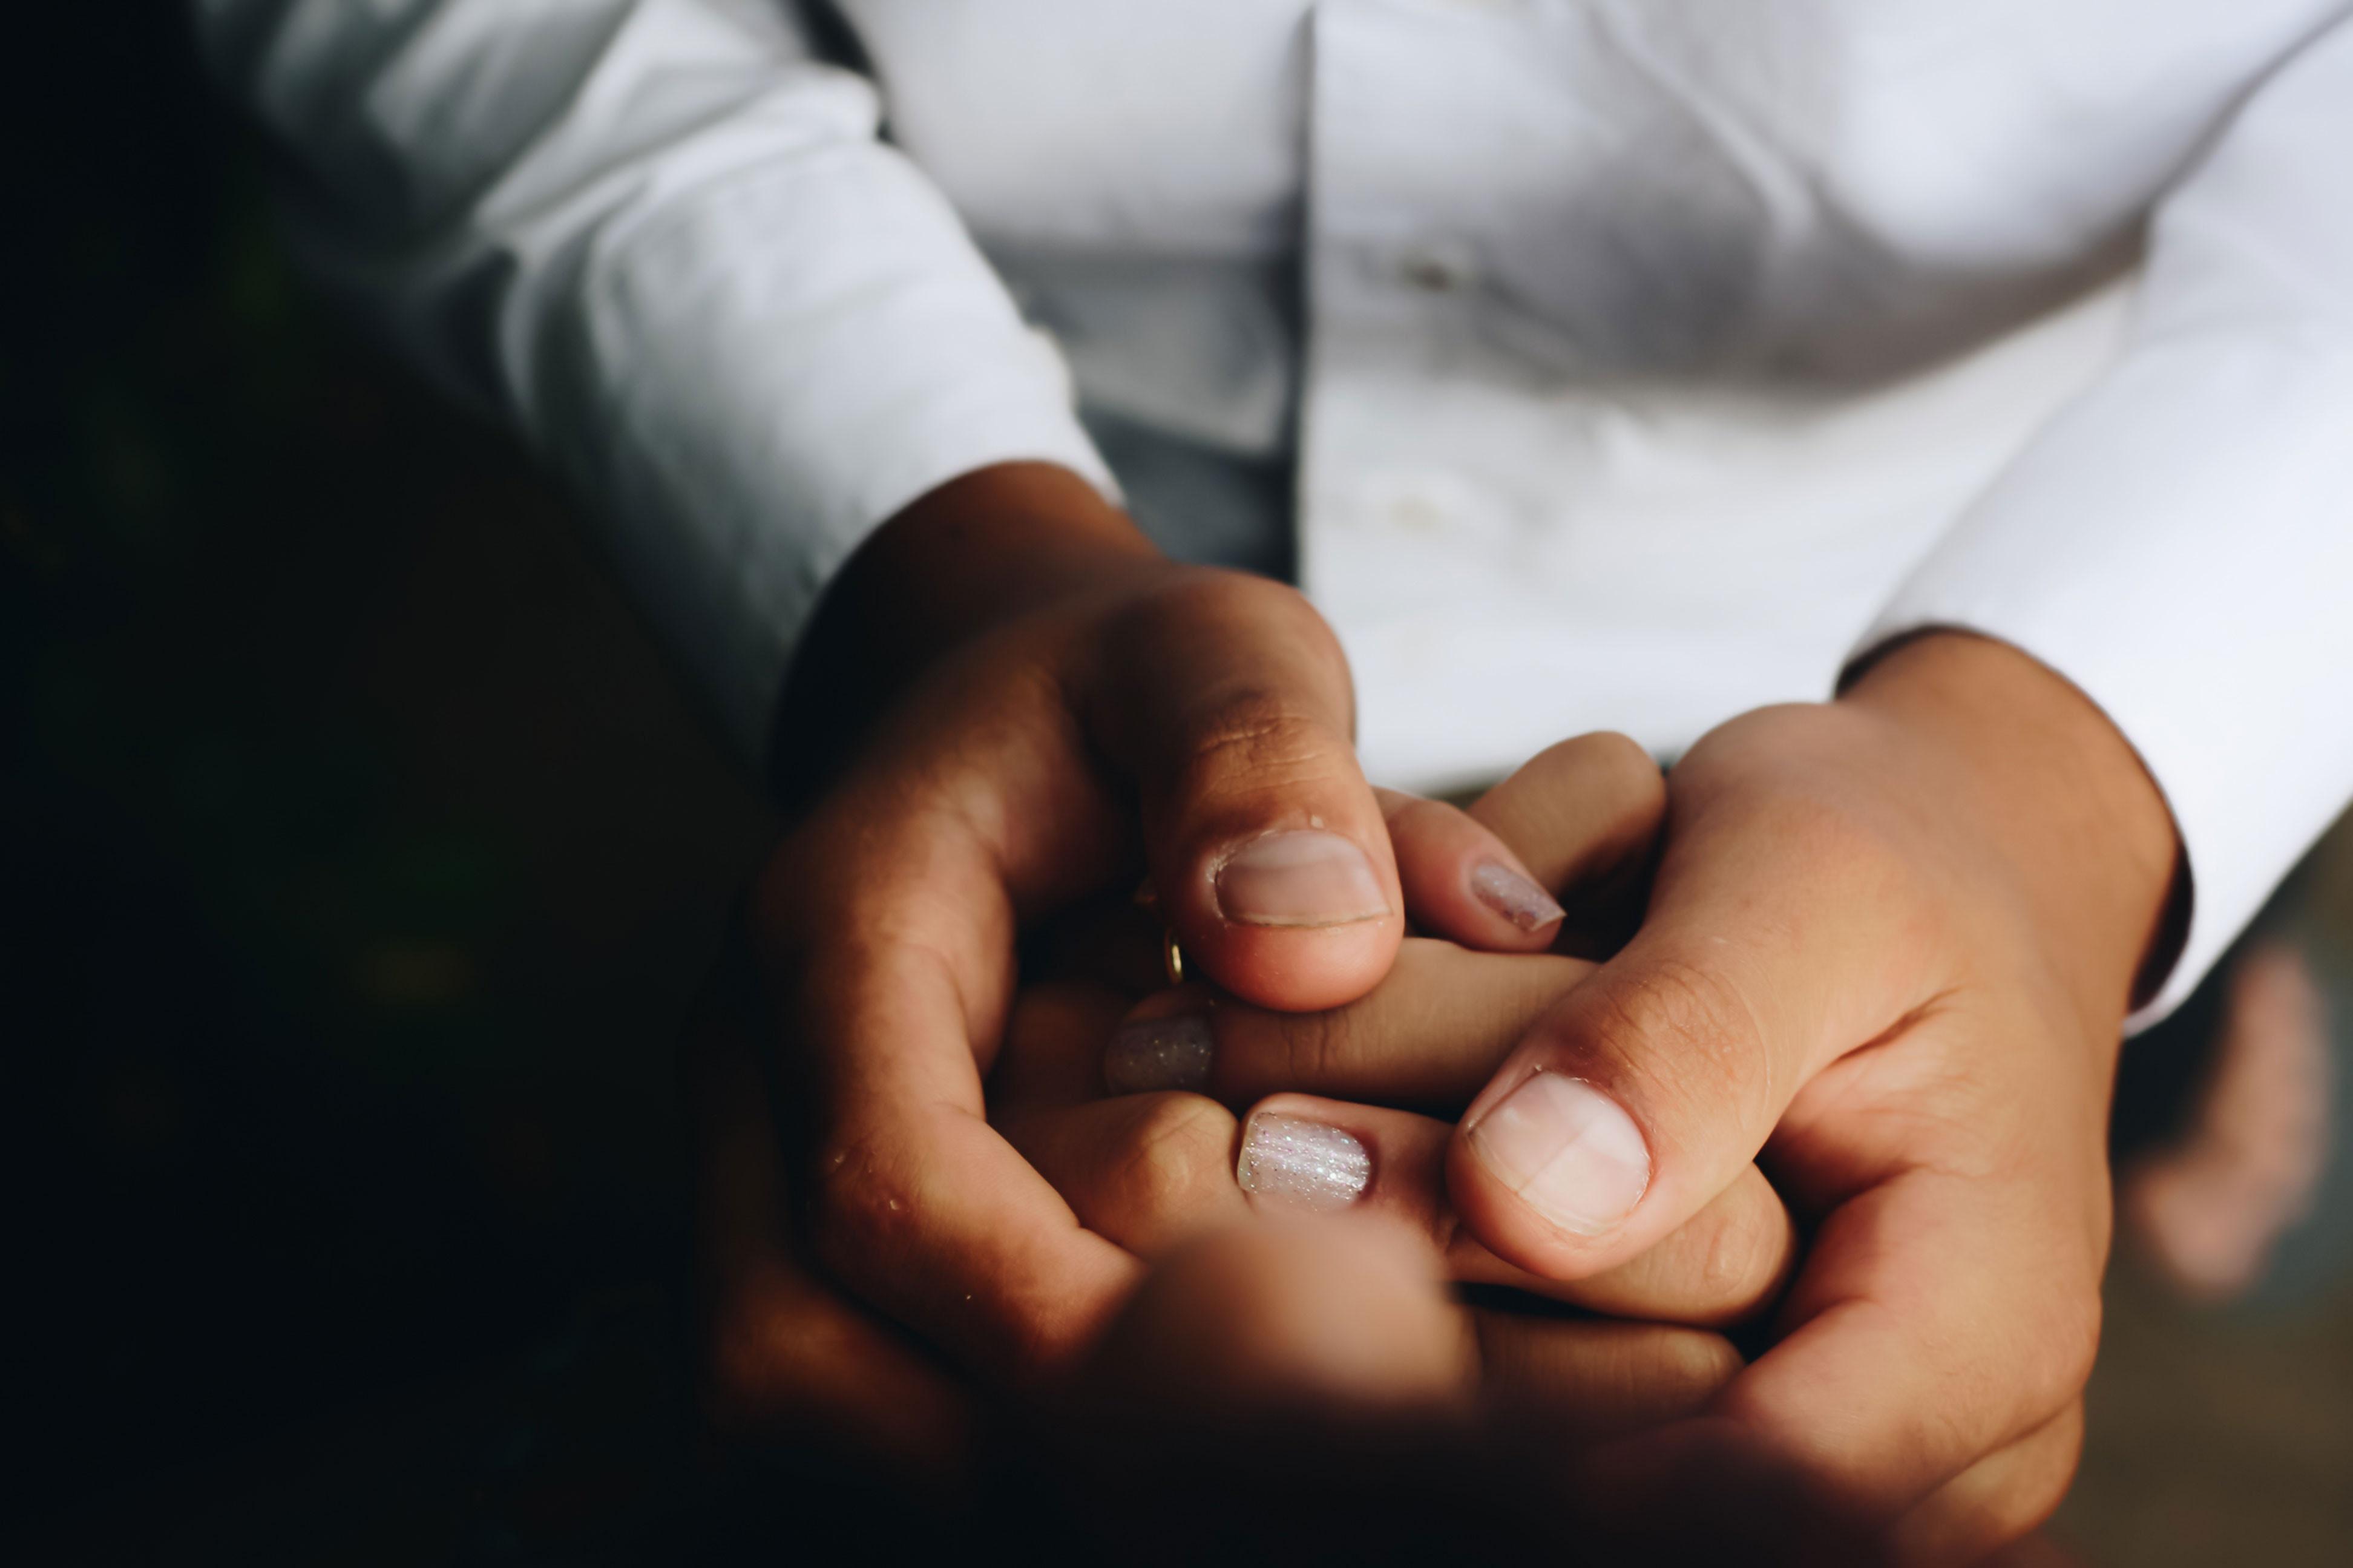 Holding hands - Photo by Matheus Ferrero on Unsplash